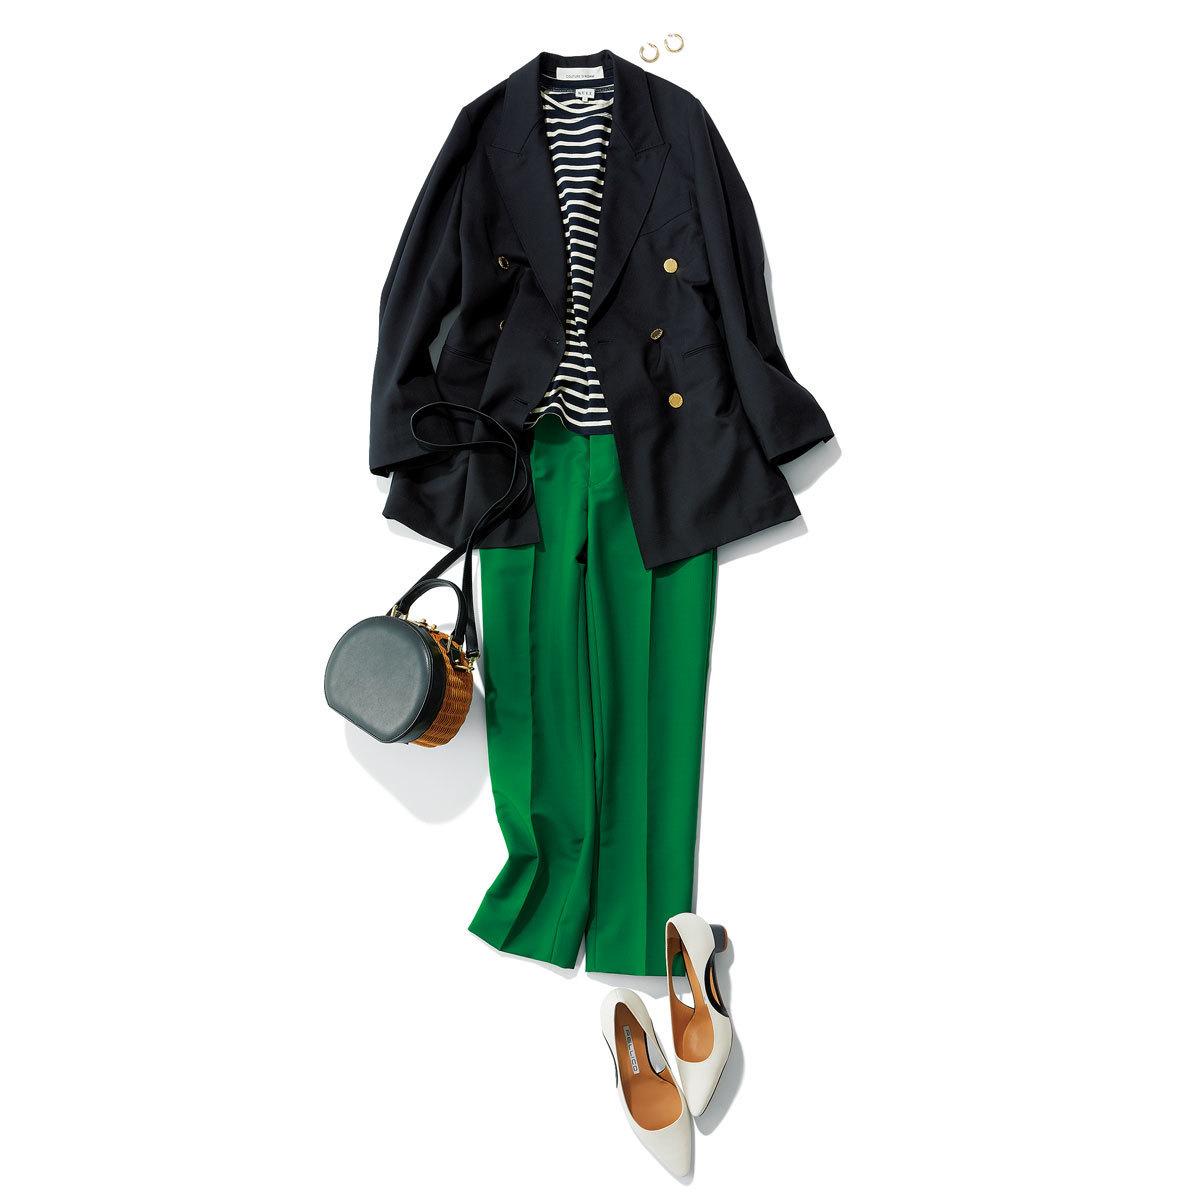 ジャケット×ボーダーTシャツ×グリーンのパンツコーデ